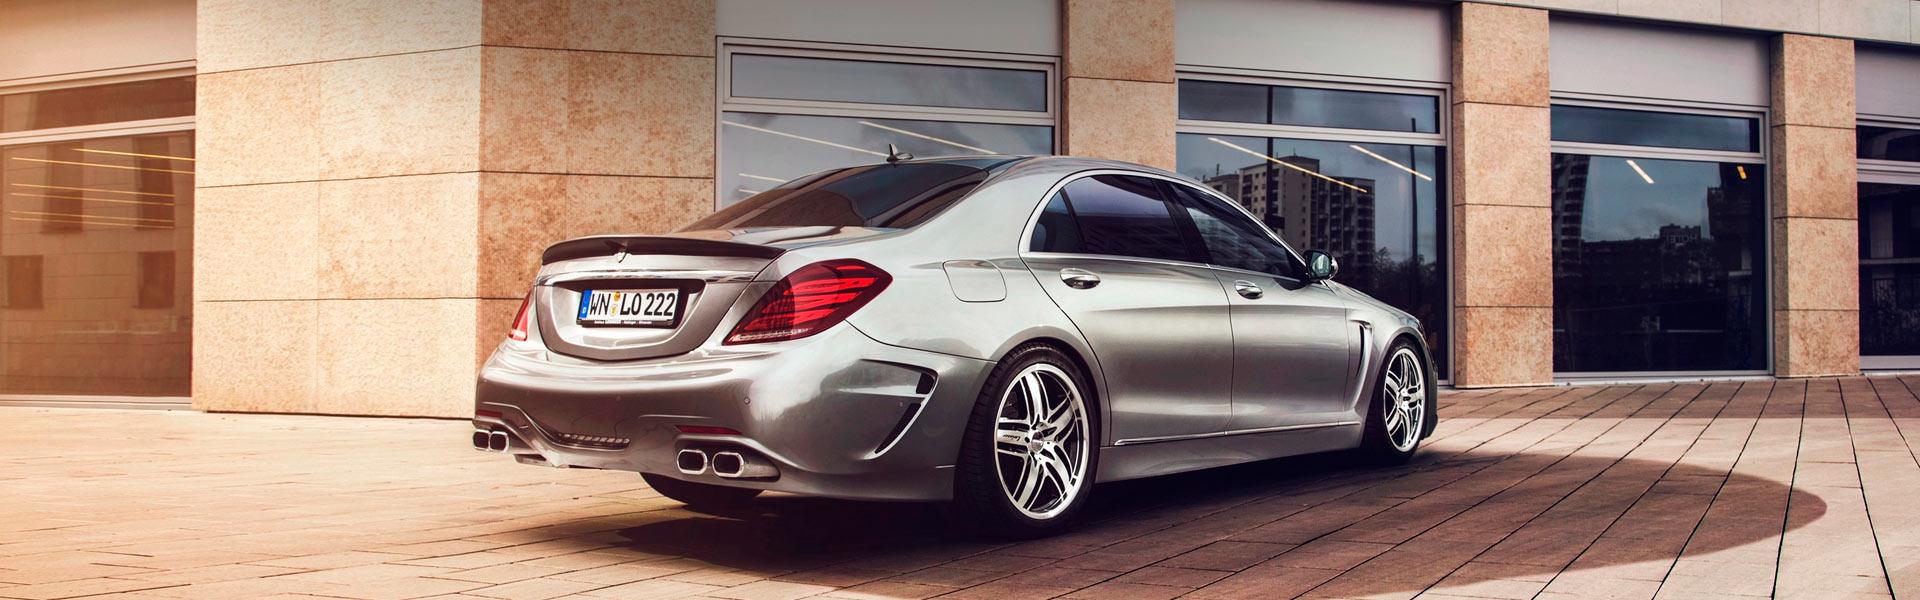 Сервис Mercedes-Benz S-klasse